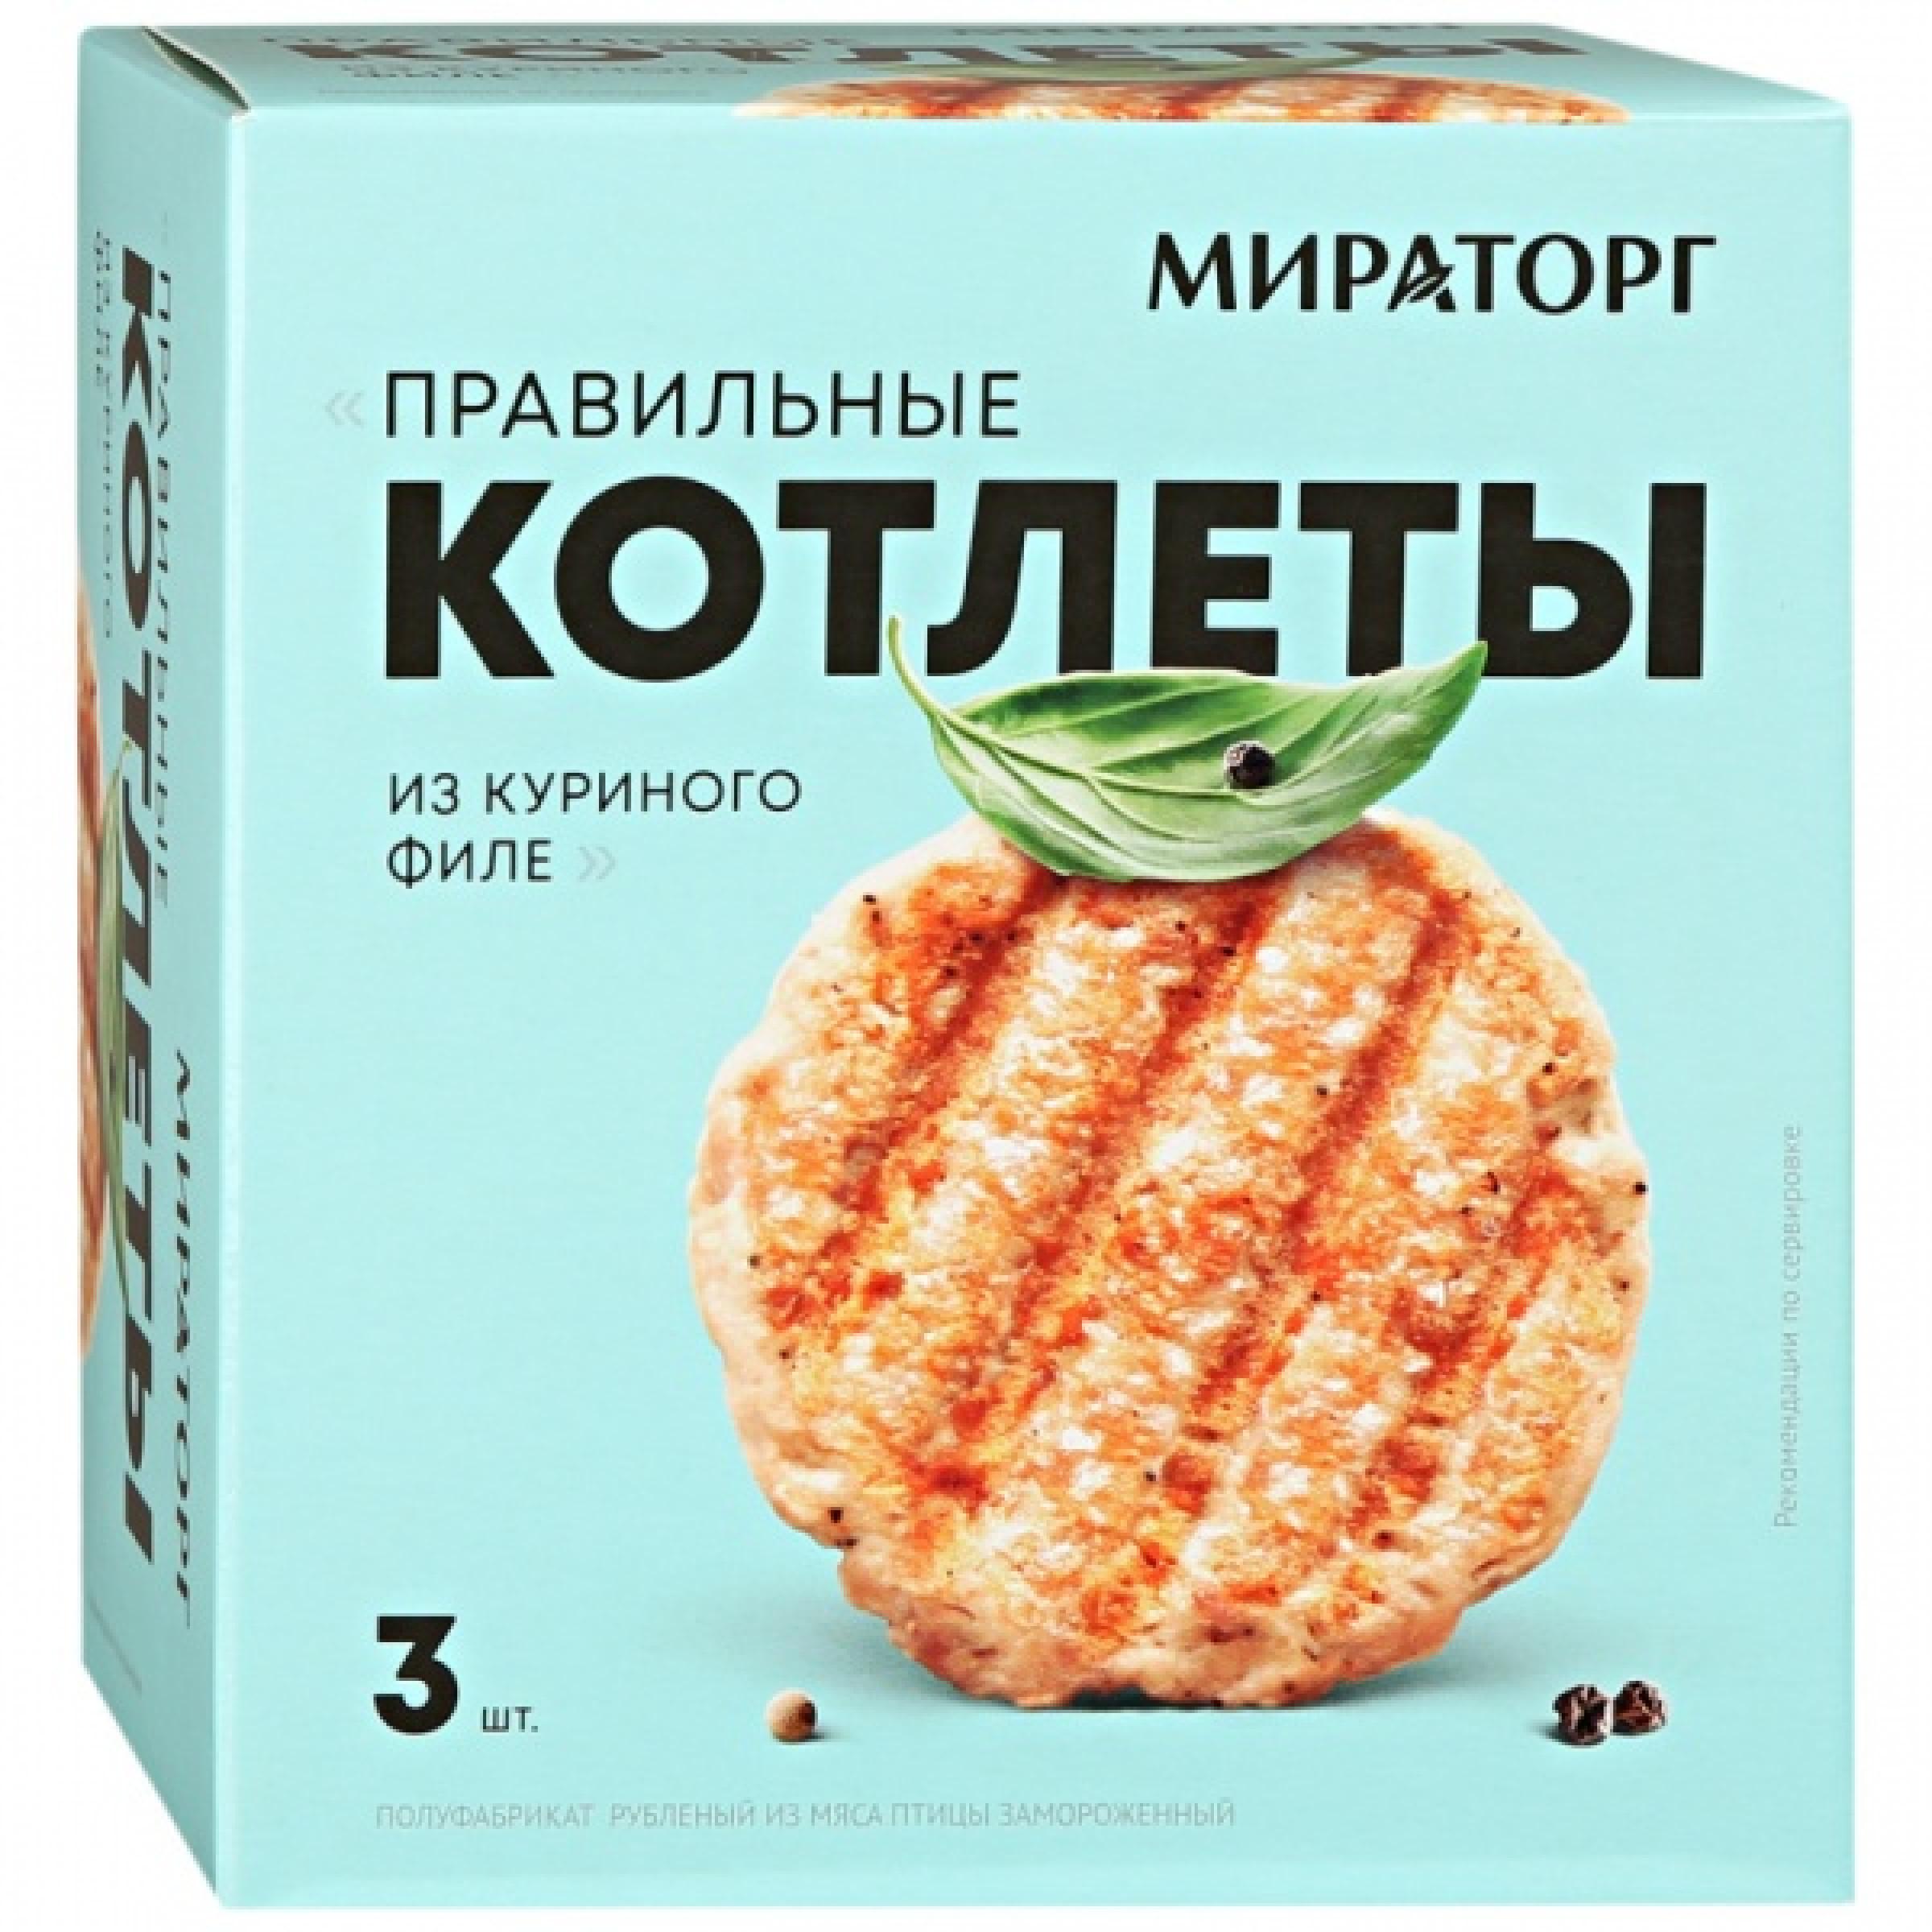 """Котлеты """"Мираторг"""" Правильные из куриного филе, замороженные, 300 г."""